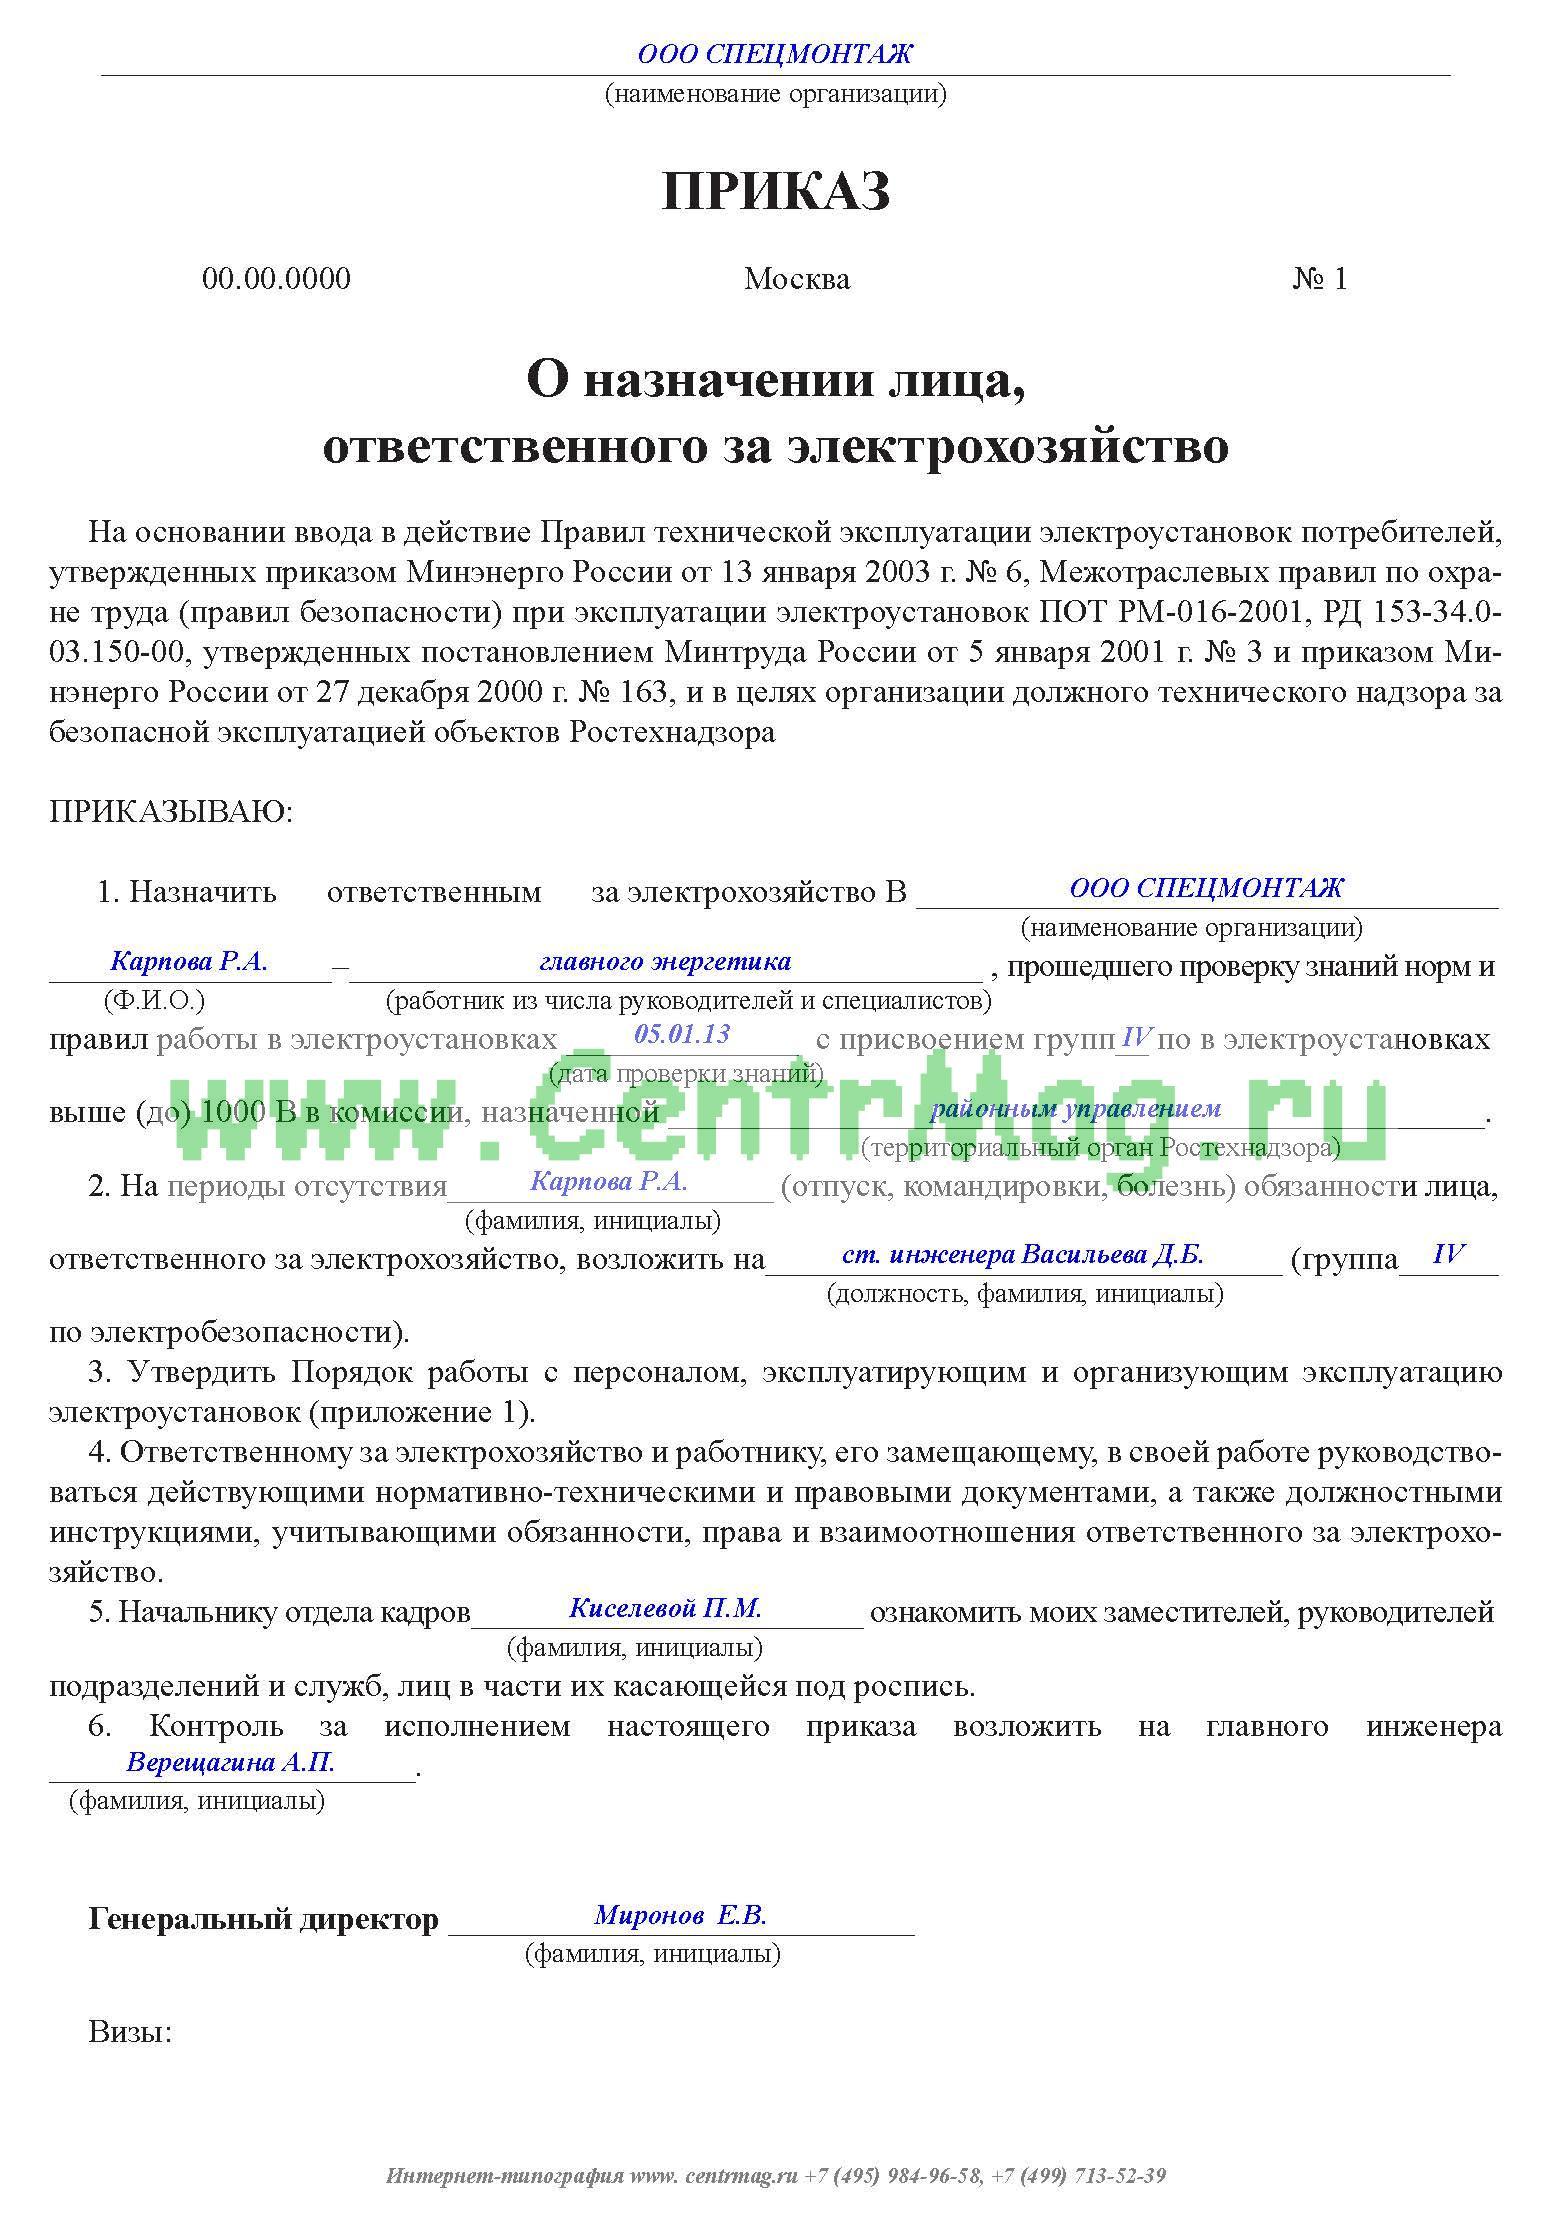 Правила приказ о назначении ответственных лиц по электробезопасности перечень технической документации по электробезопасности в доу